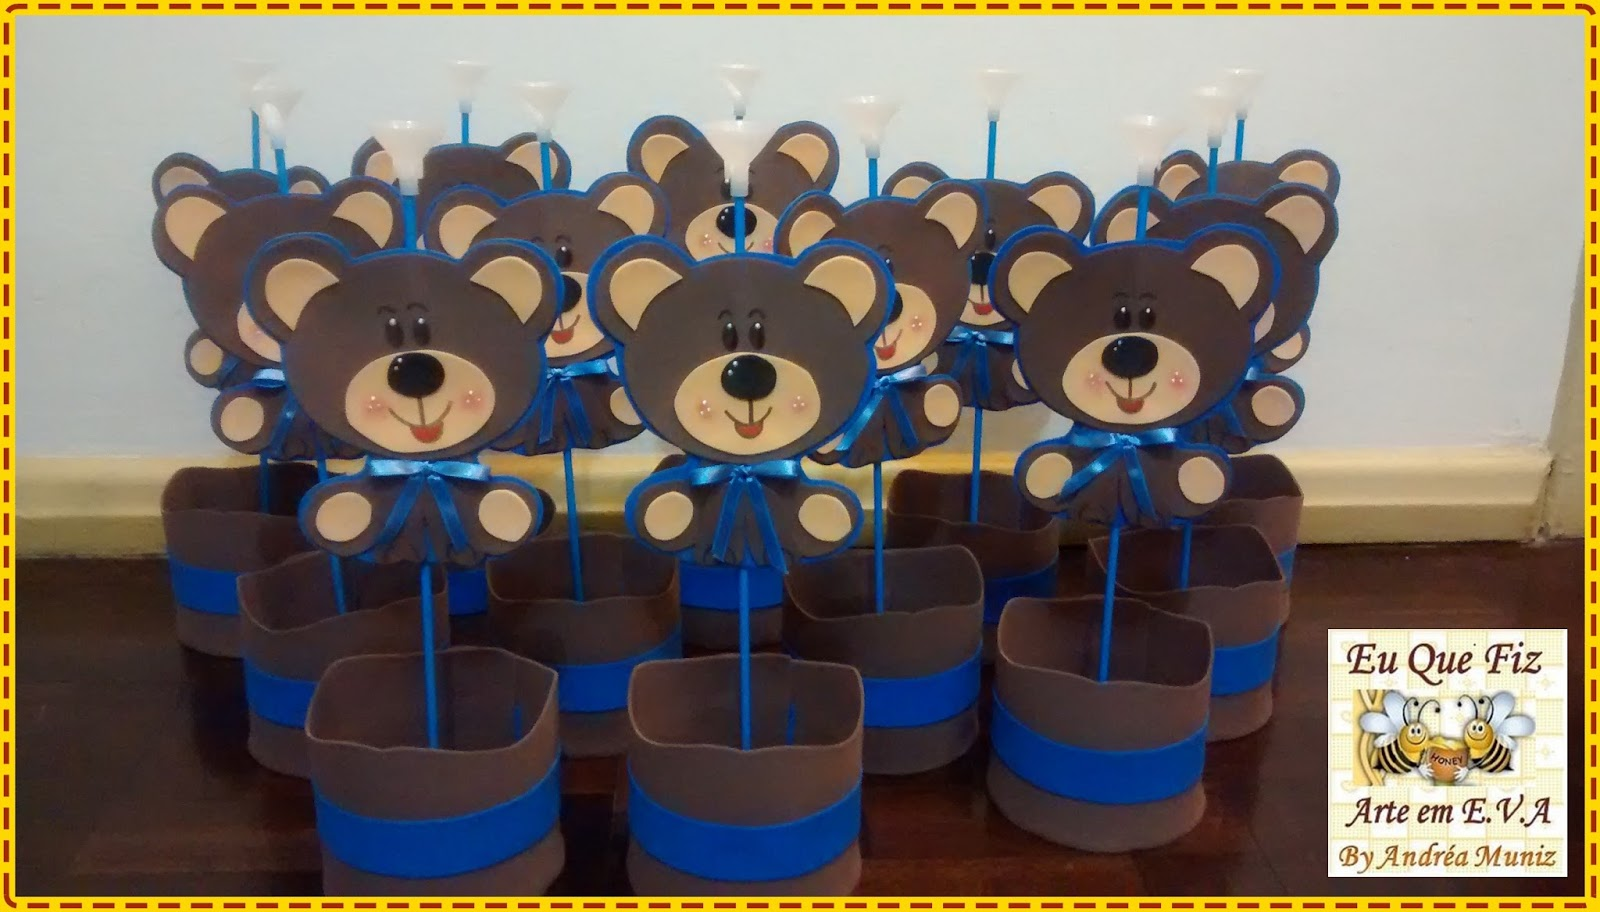 Eu que fiz  Arte em EVA e Recursos Pedagógicos]··´¯) Chá de bebe Ursinho # Decoracao Para Banheiro De Escola Em Eva